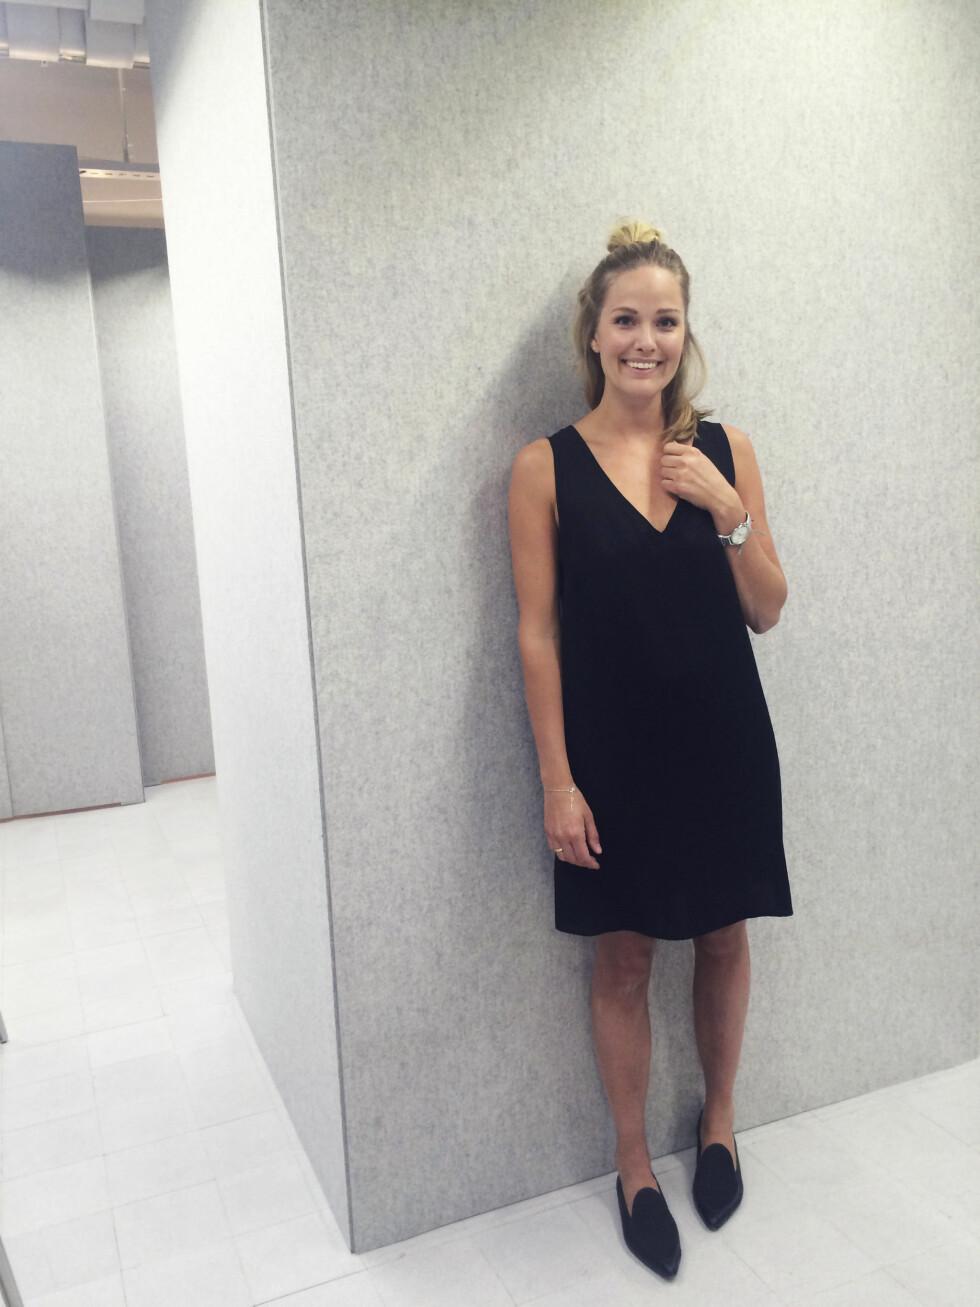 DEN LILLE STORTE: Maria styler kjolen enkelt med matchende, lave sko og rene smykker i sølv.  Foto: Mariaskappel.no